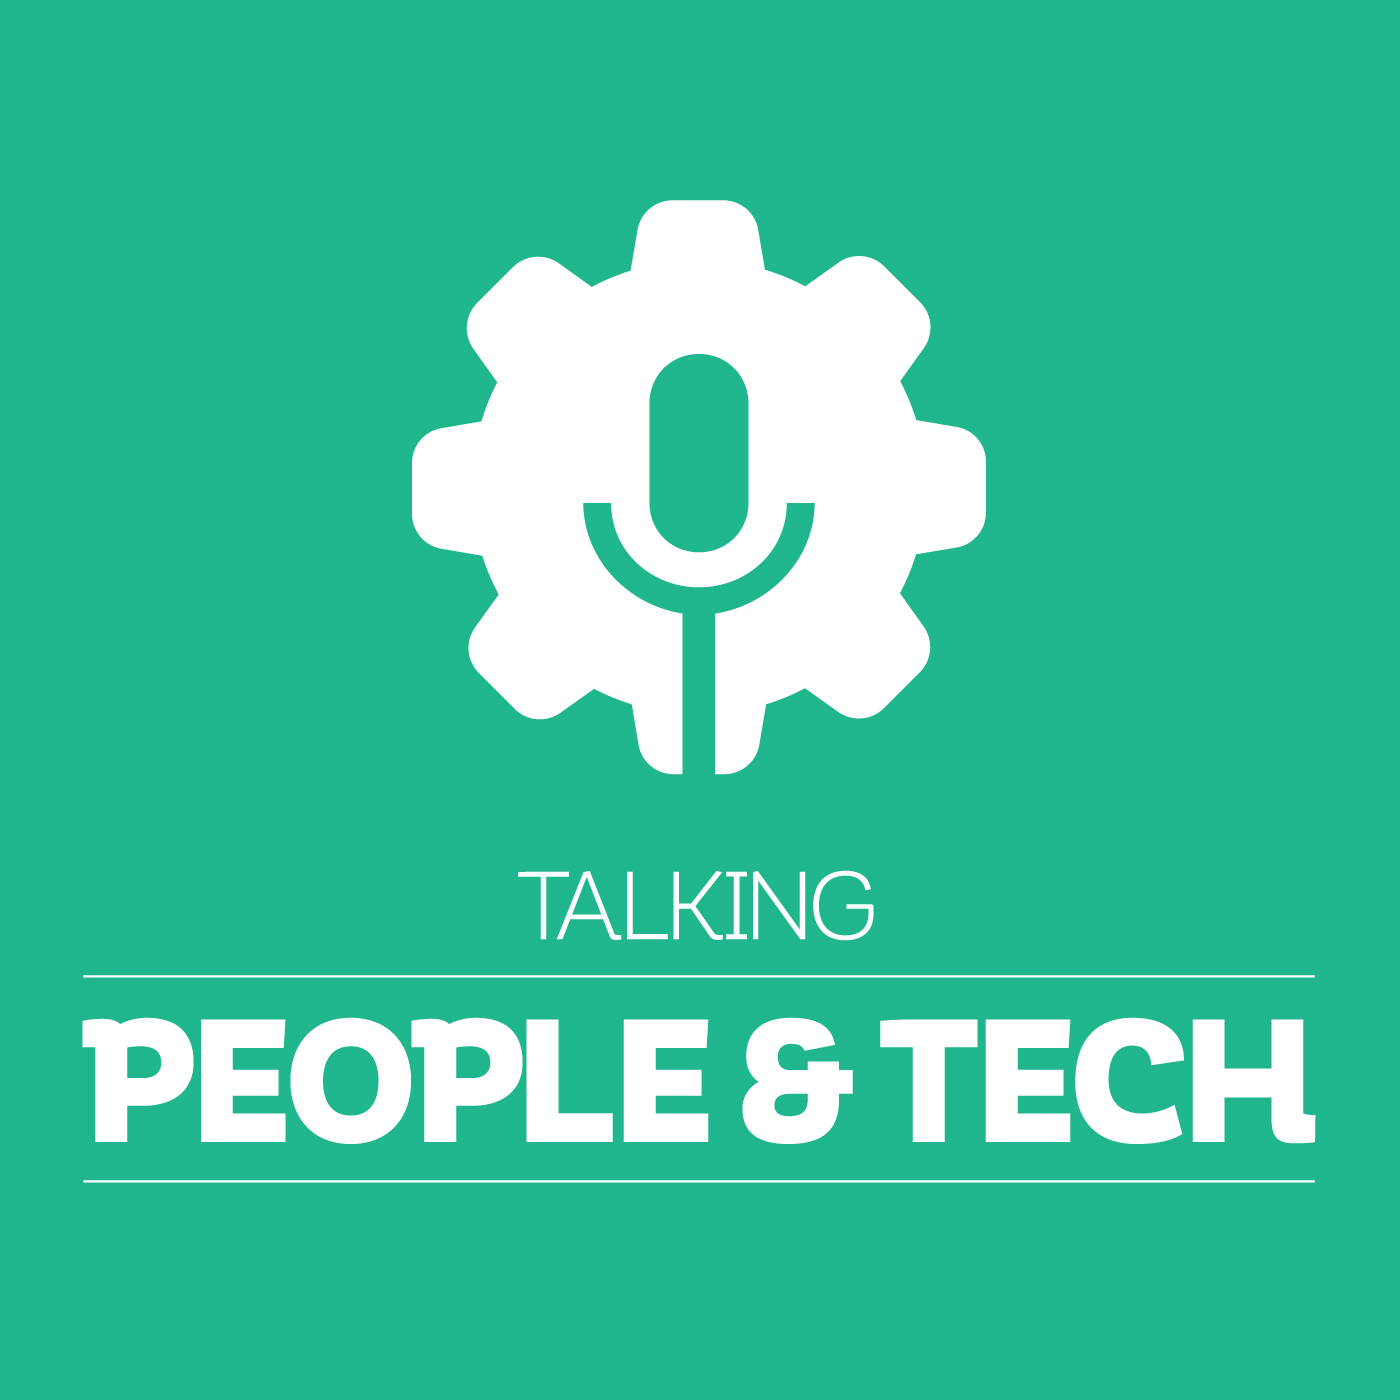 Talking People & Tech logo.jpg